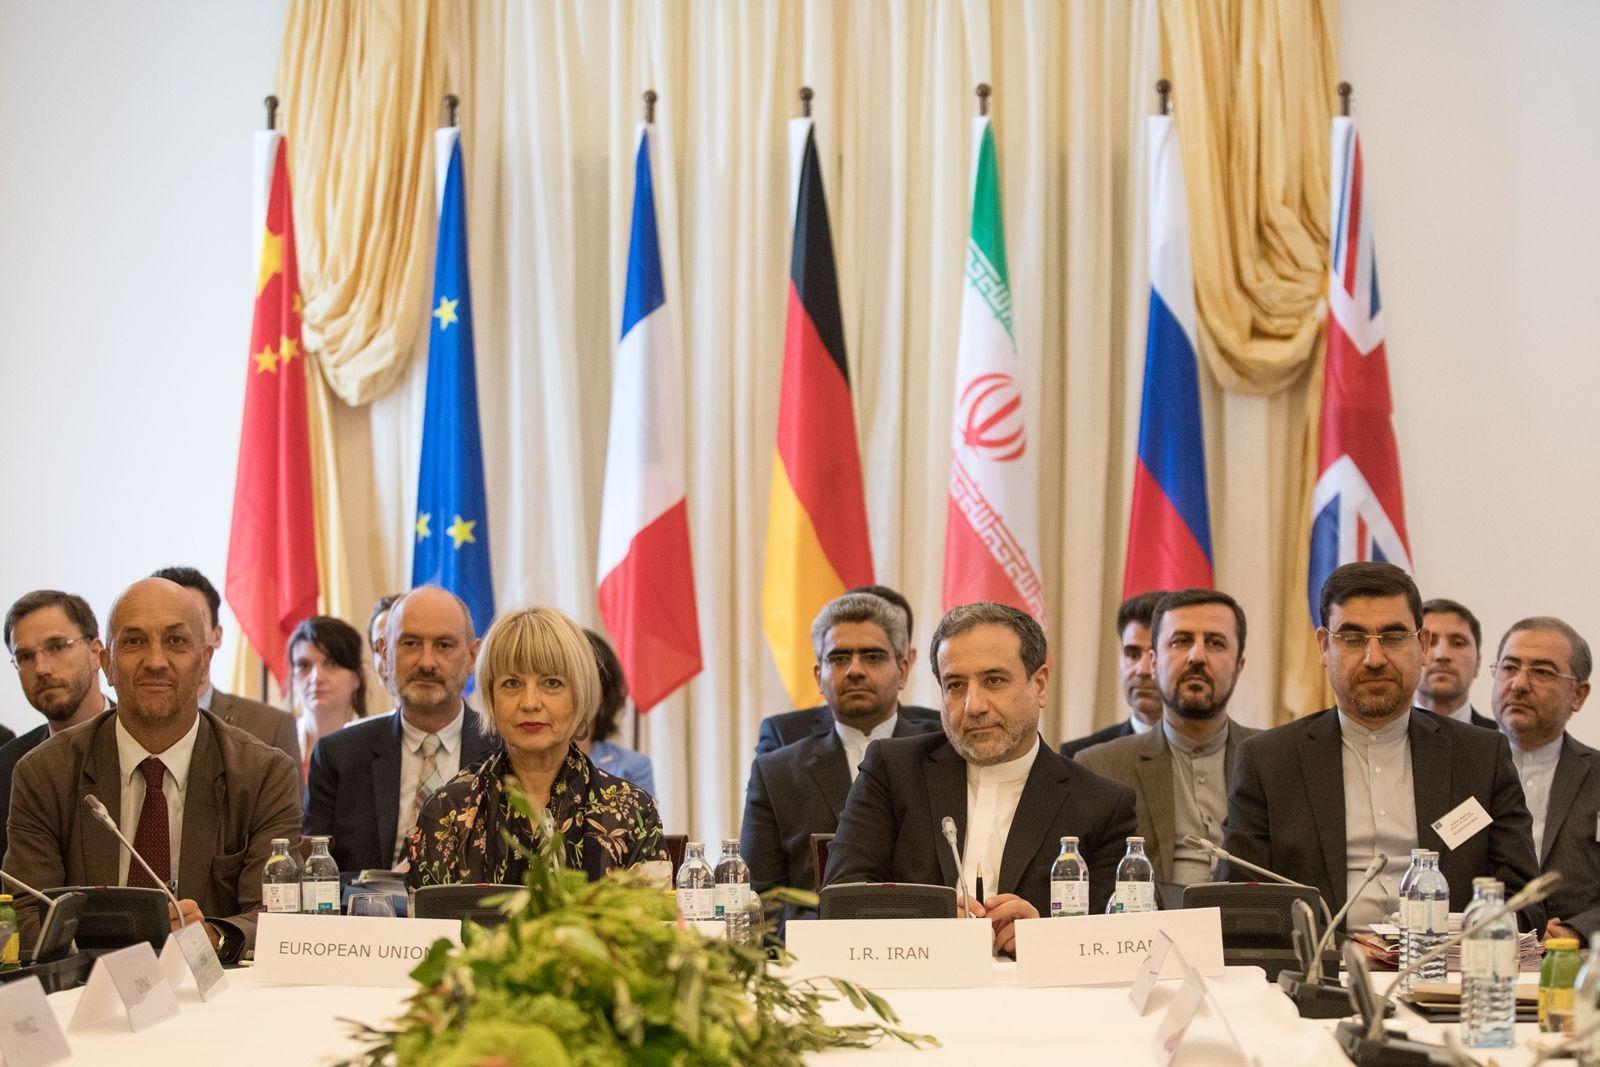 AFP-อิหร่านคุยภาคี 5 ประเทศเดินหน้ารื้อฟื้นข้อตกลงนิวเคลียร์ 2015 ยุติปัญหายึดเรือ-อับบาส อารักชี.jpg